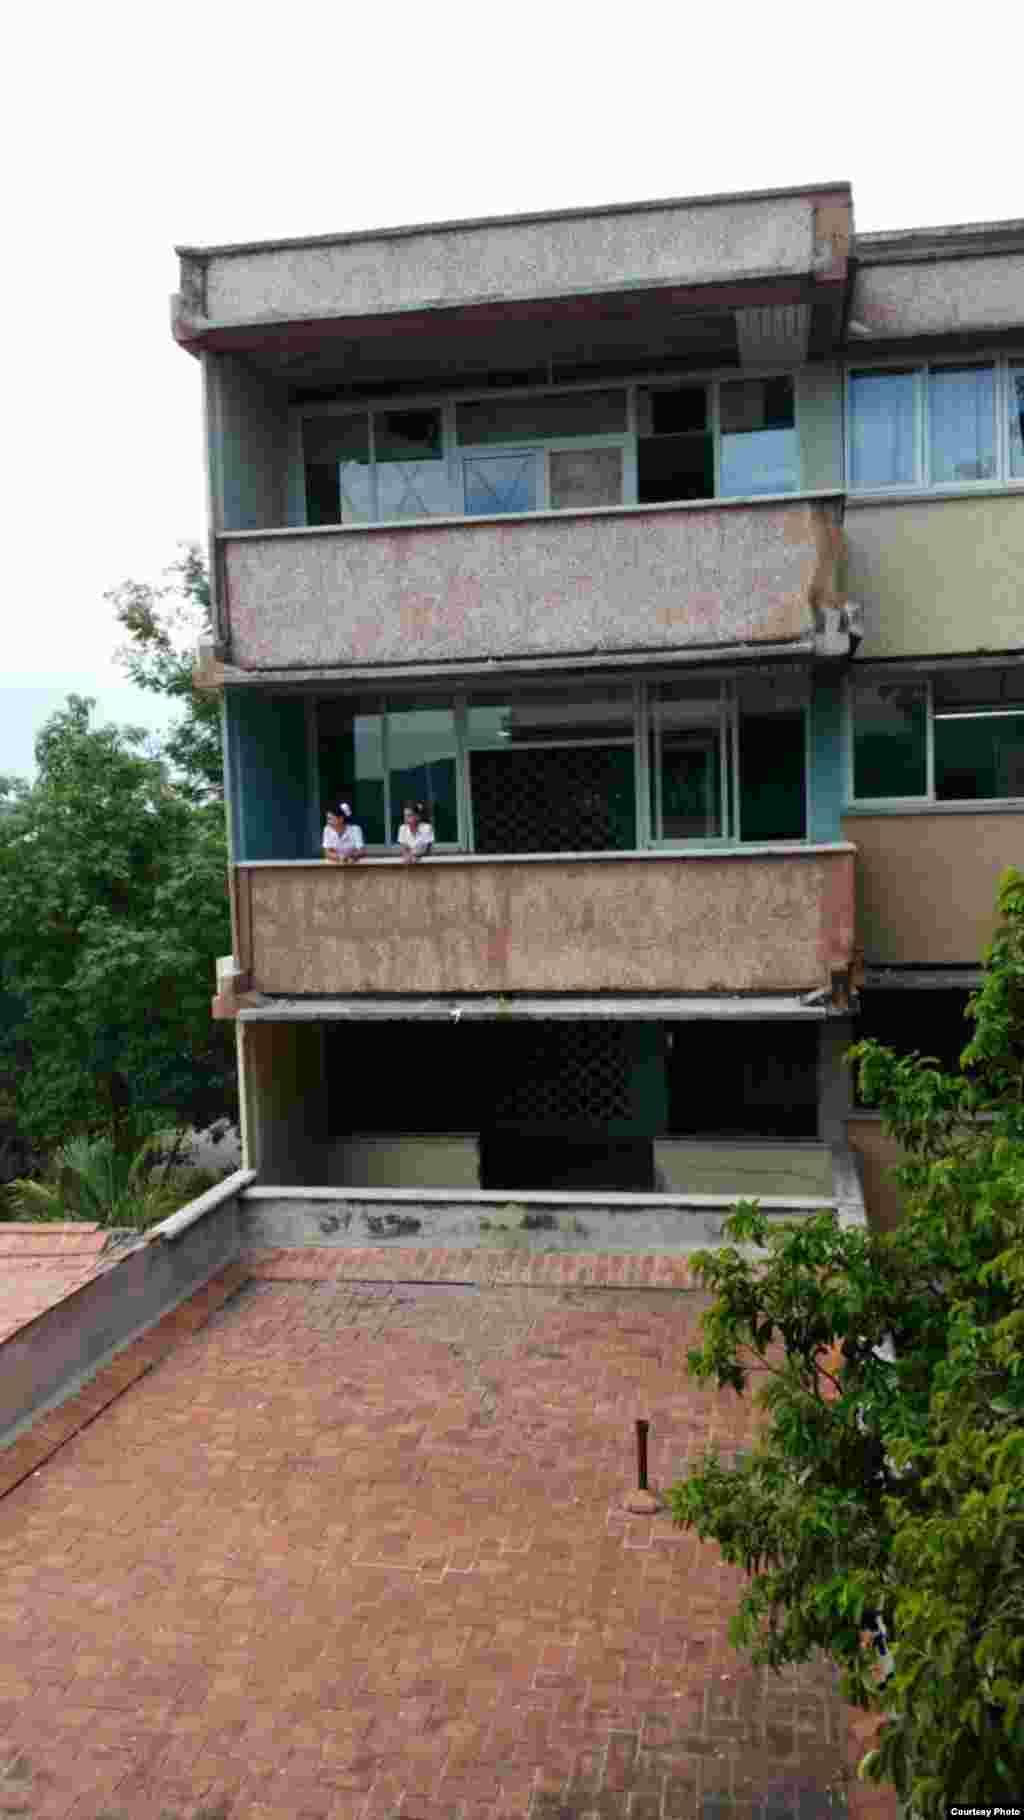 """Los enfermos de zika se encuentran ubicados entre las salas 3-A (se habilita la sala 3-B) y 4-A del tercer y cuarto piso del Hospital Clínico Quirúrgico """"Lucía Iñiguez Landín""""."""